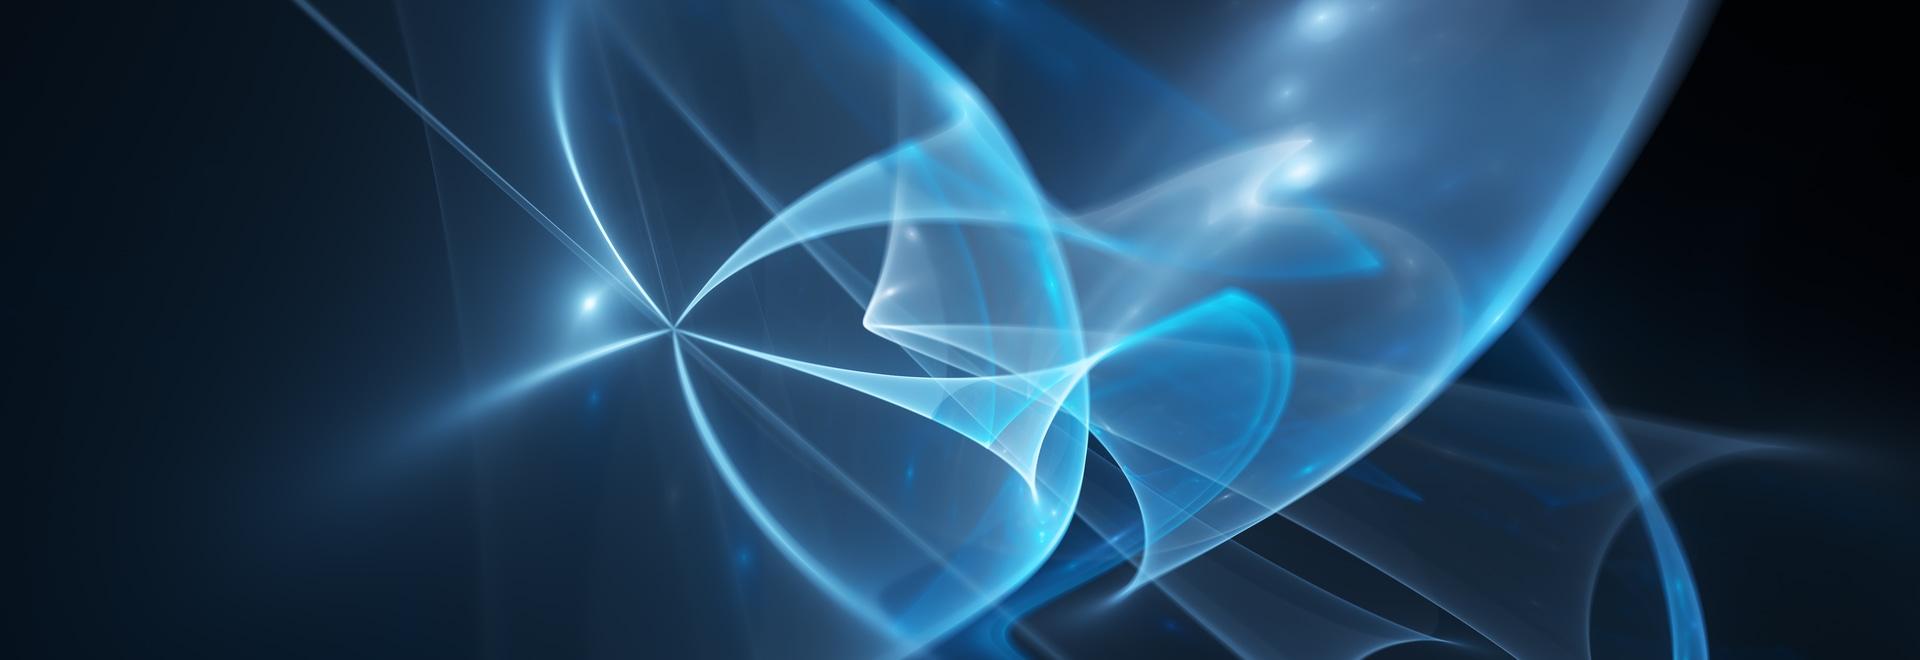 Analyse élémentaire de précision avec des étalons synthétiques pour un large éventail de matériaux à base d'oxydes